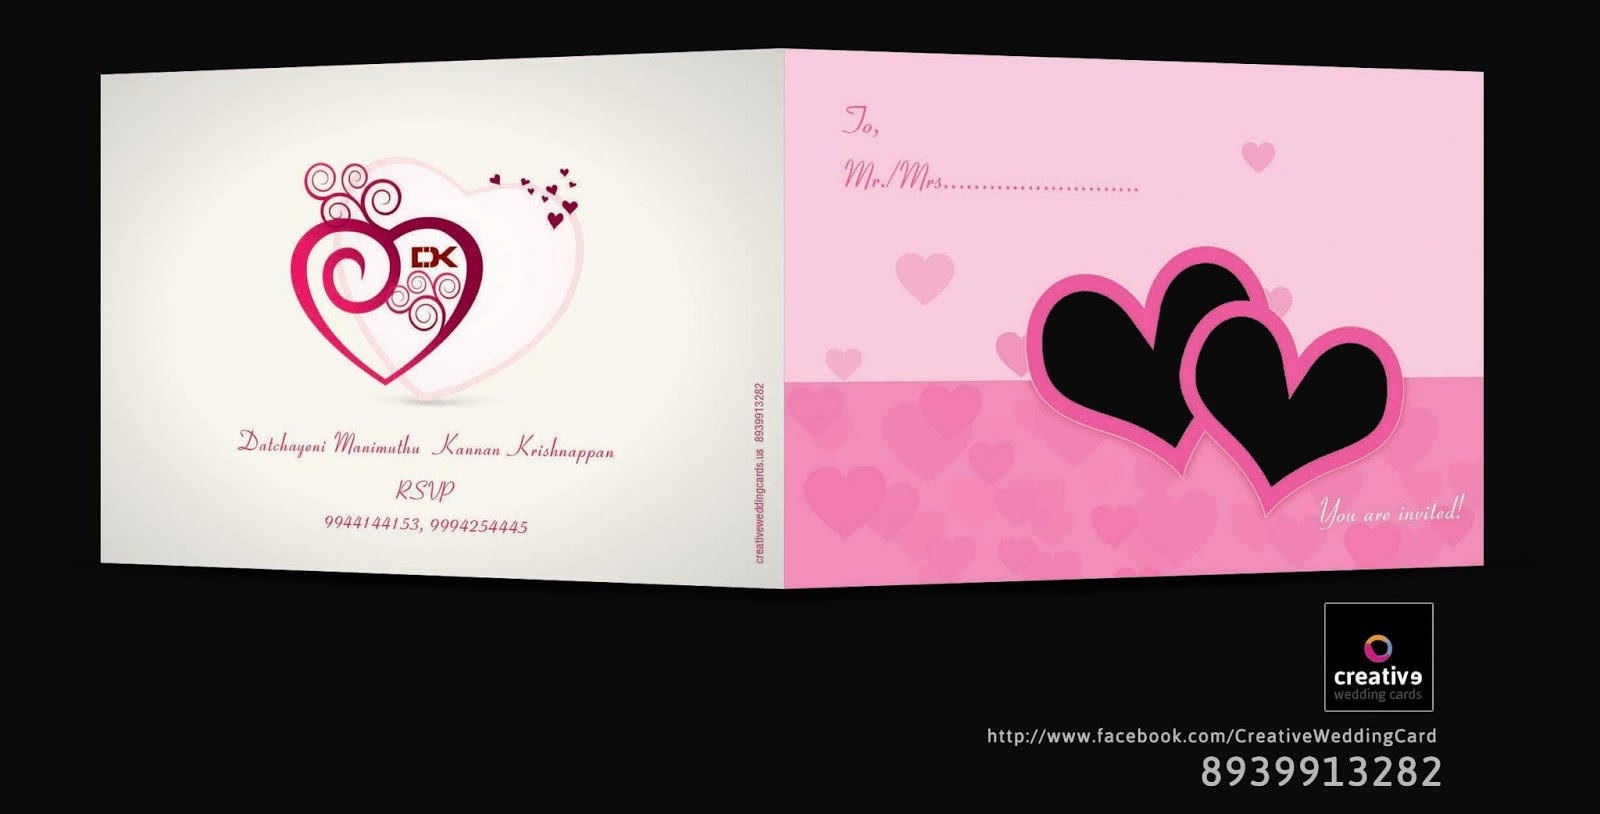 Tambaram Wedding Cards